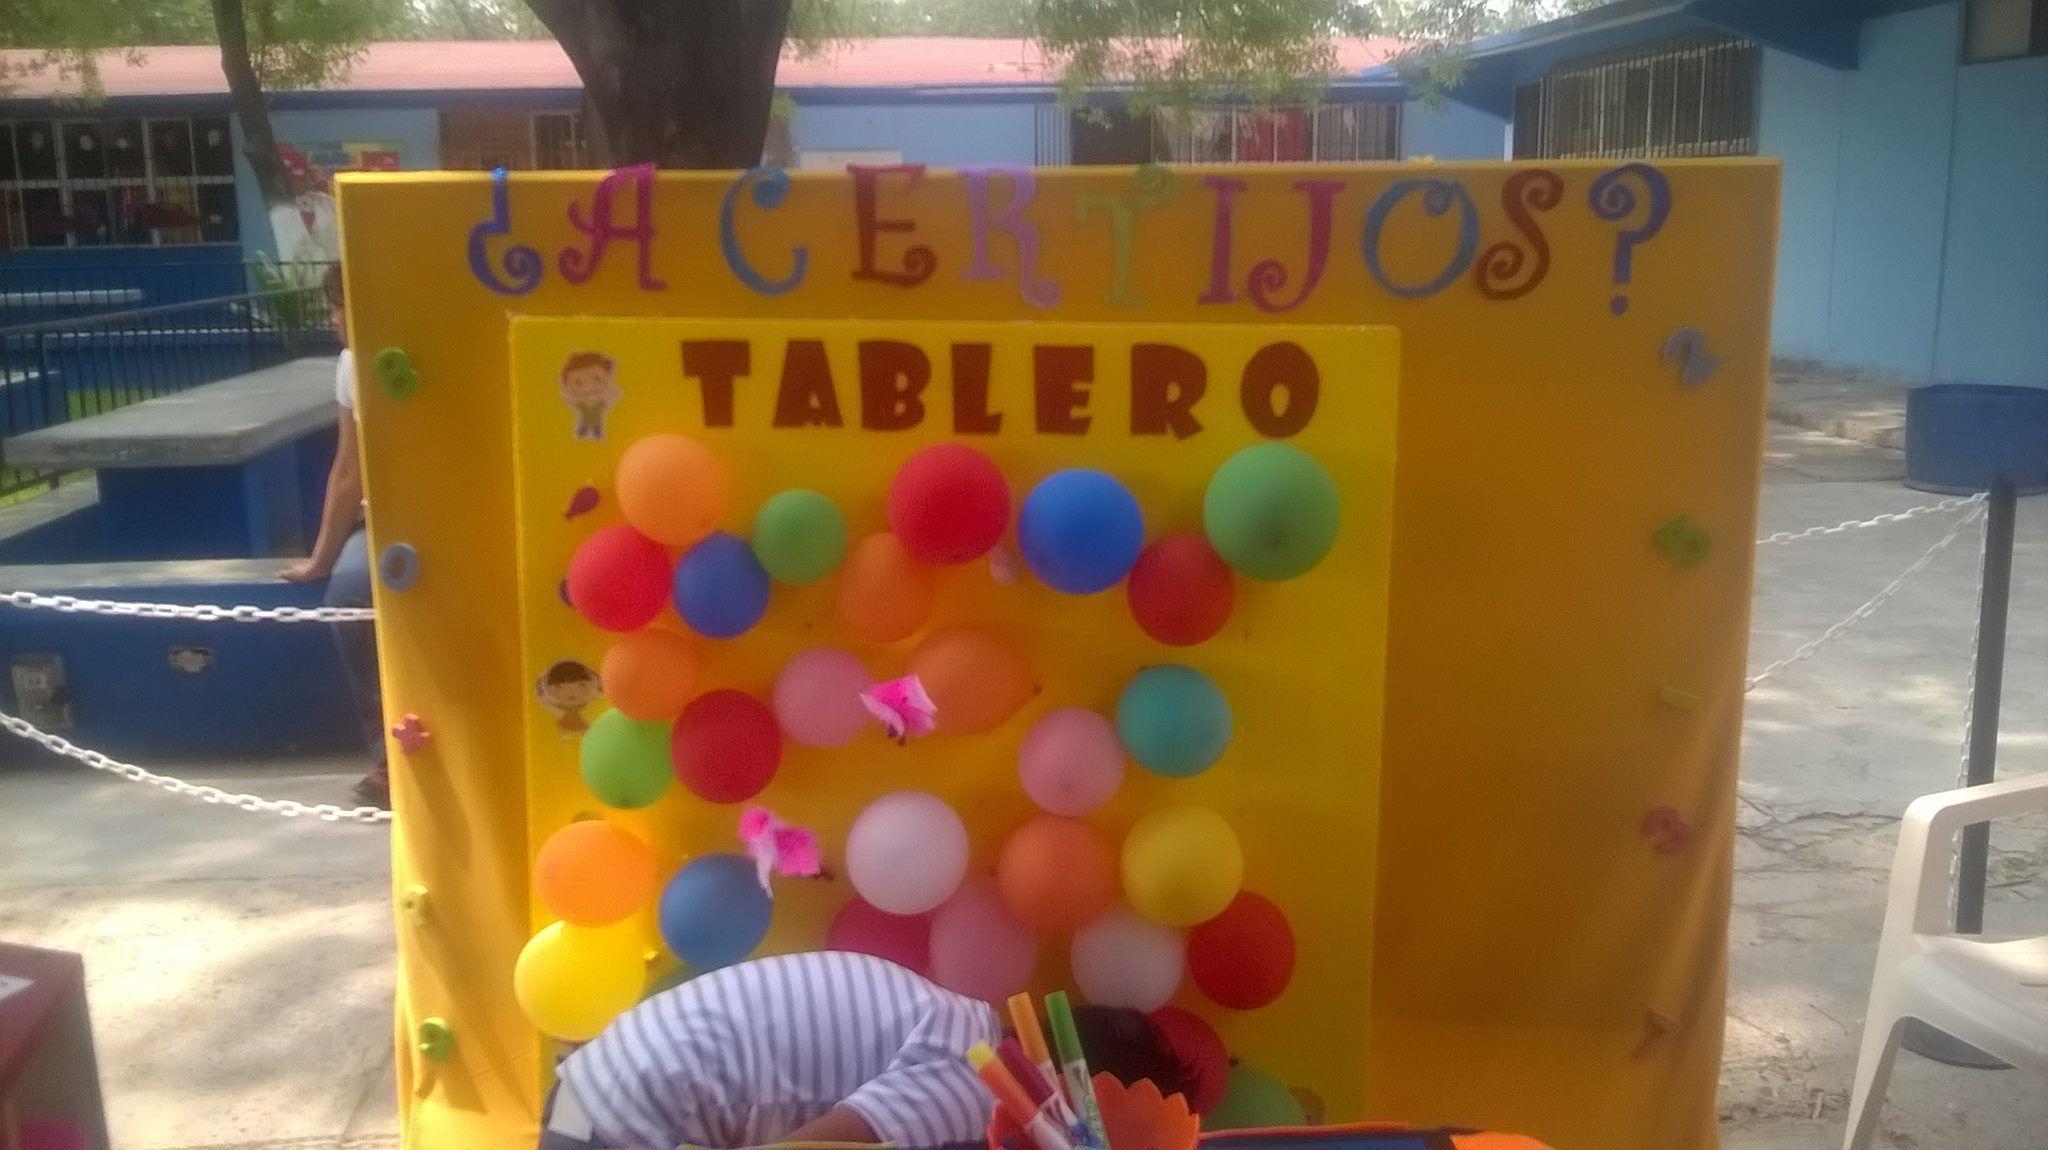 Caseros Matematicas Feria De Juegos Www Imagenesmy Com